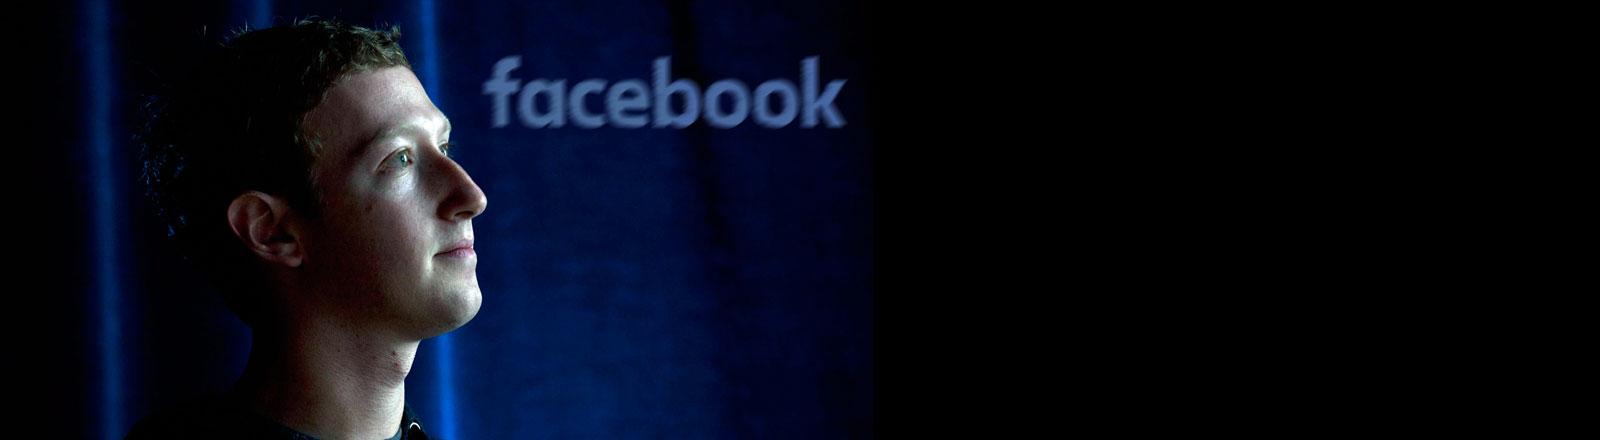 Facebook-Chef Mark Zuckerberg, aufgenommen im Hauptsitz des Unternehmens im kalifornischen Menlo Park im Jahr 2013